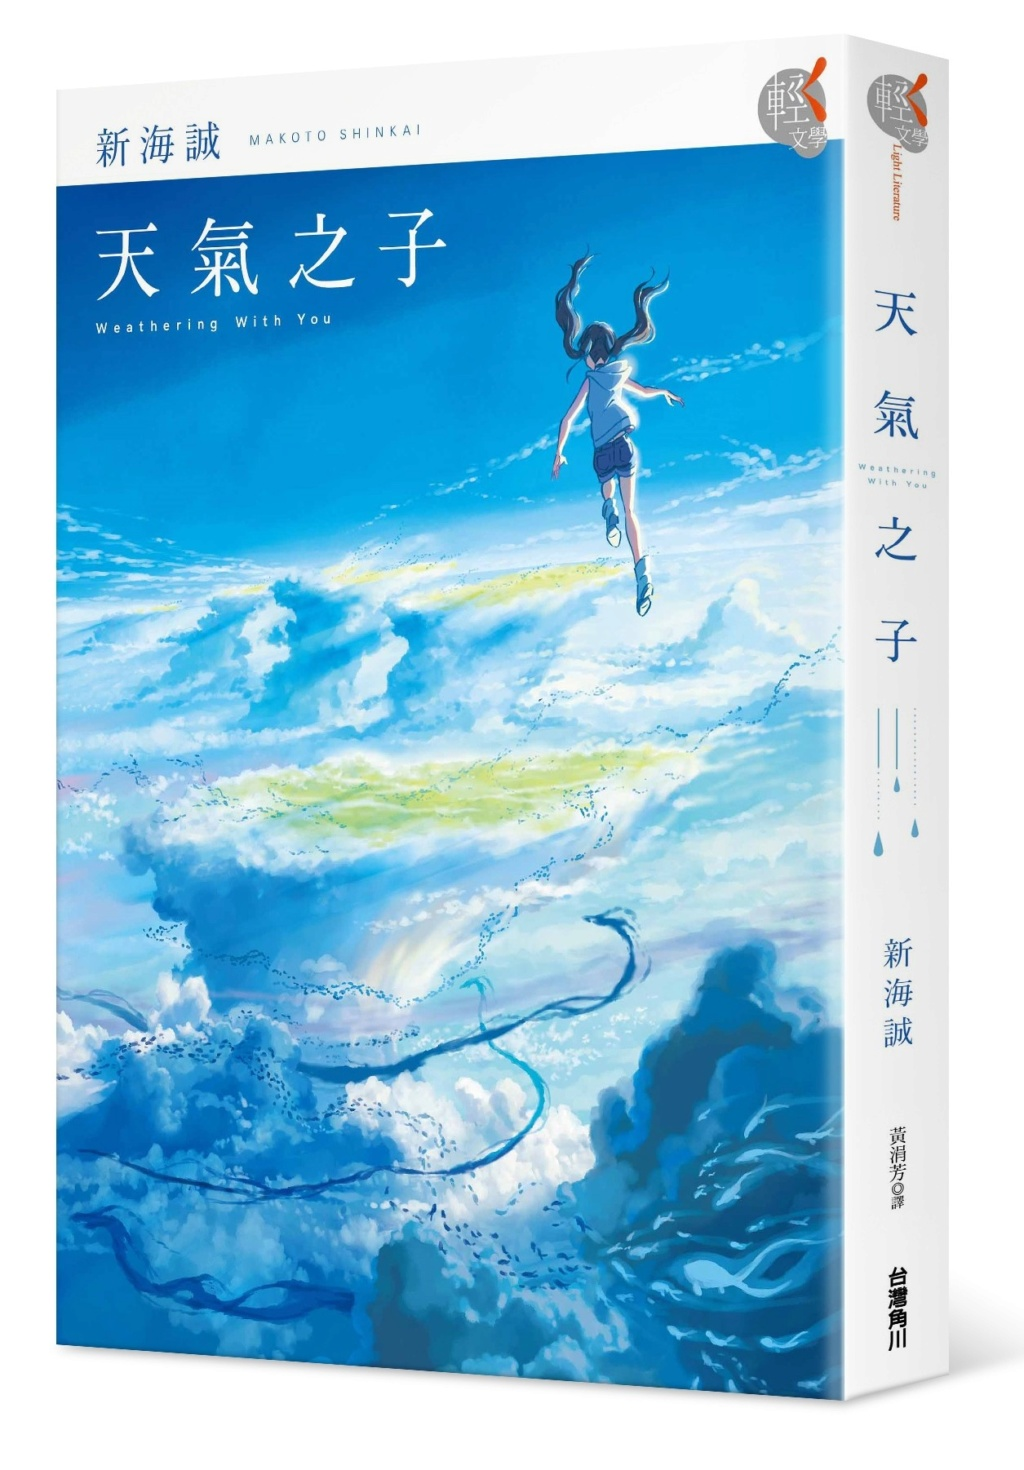 天氣之子 - 電影《天氣之子》新海誠原作小說 各版本特典公開!8/27預購開跑 624